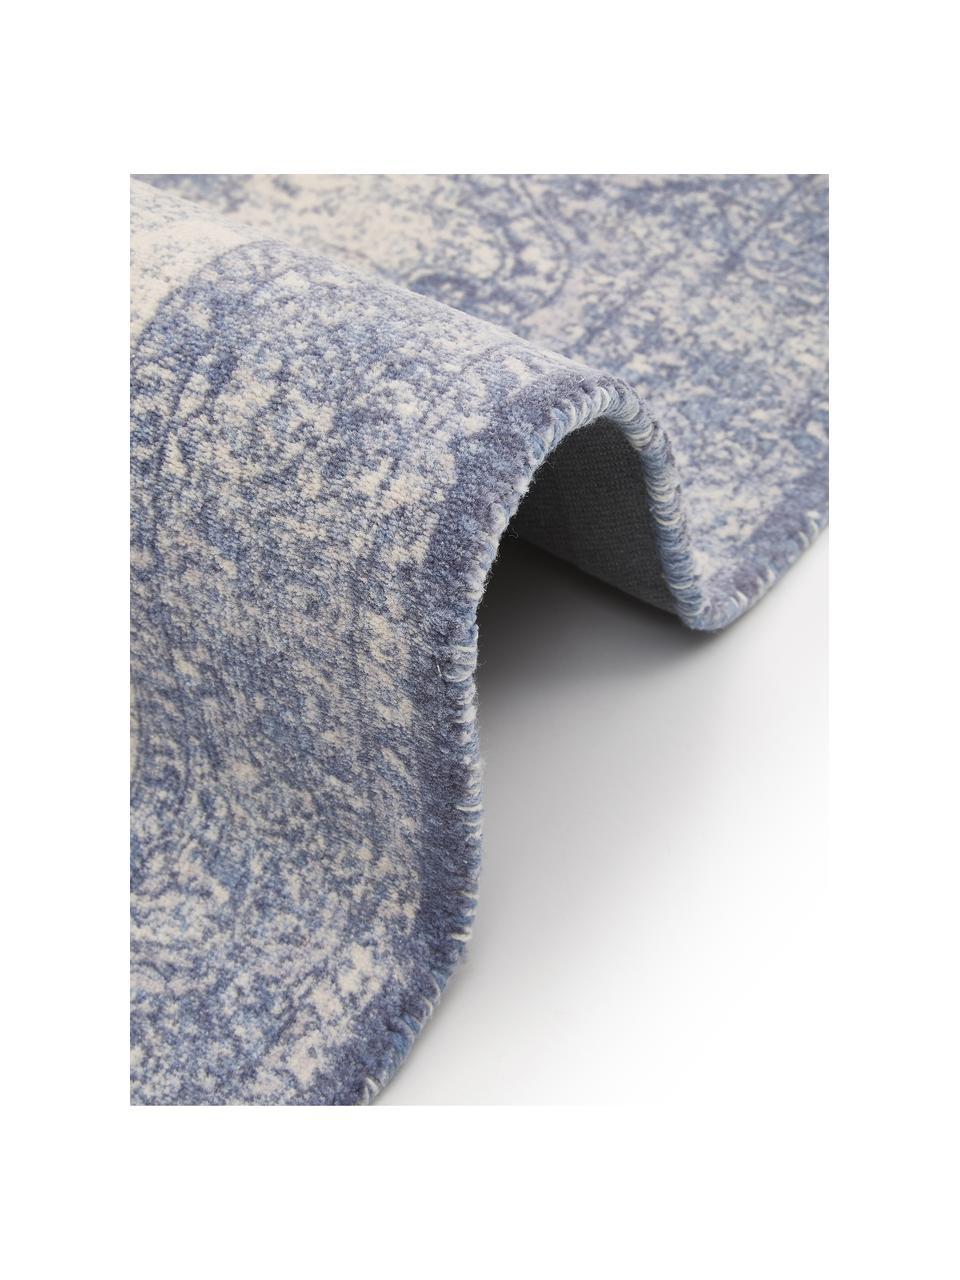 Vloerkleed Elegant in vintage stijl, Bovenzijde: 100% nylon, Onderzijde: 100% katoen, Blauw, B 120 x L 180 cm (maat S)